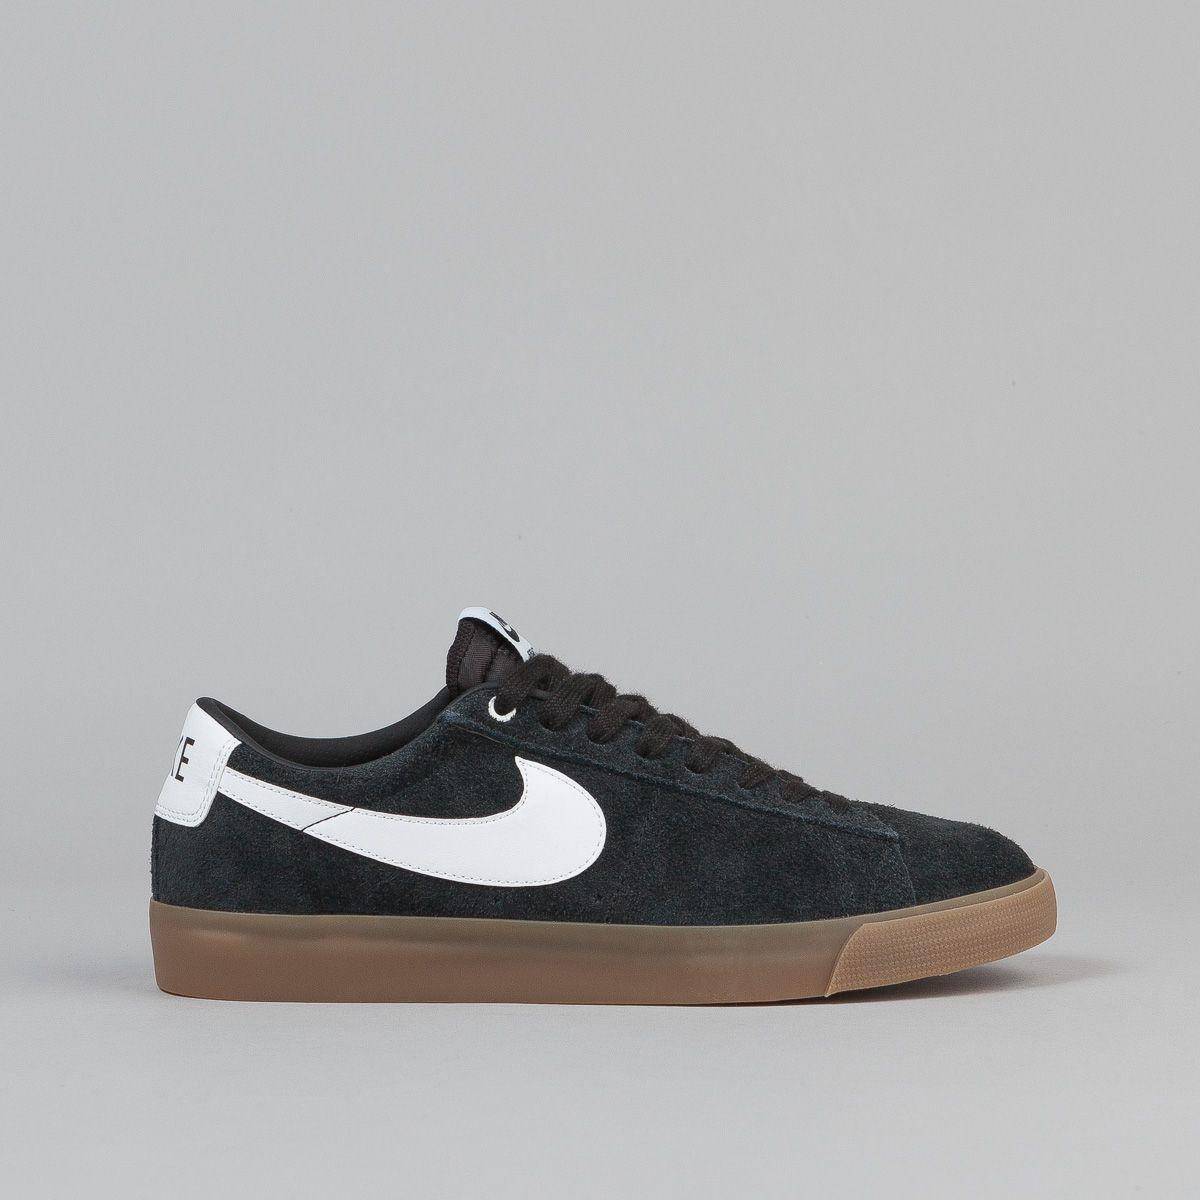 Nike SB Blazer Low Grant Taylor, In Black / White Via Flatspot.